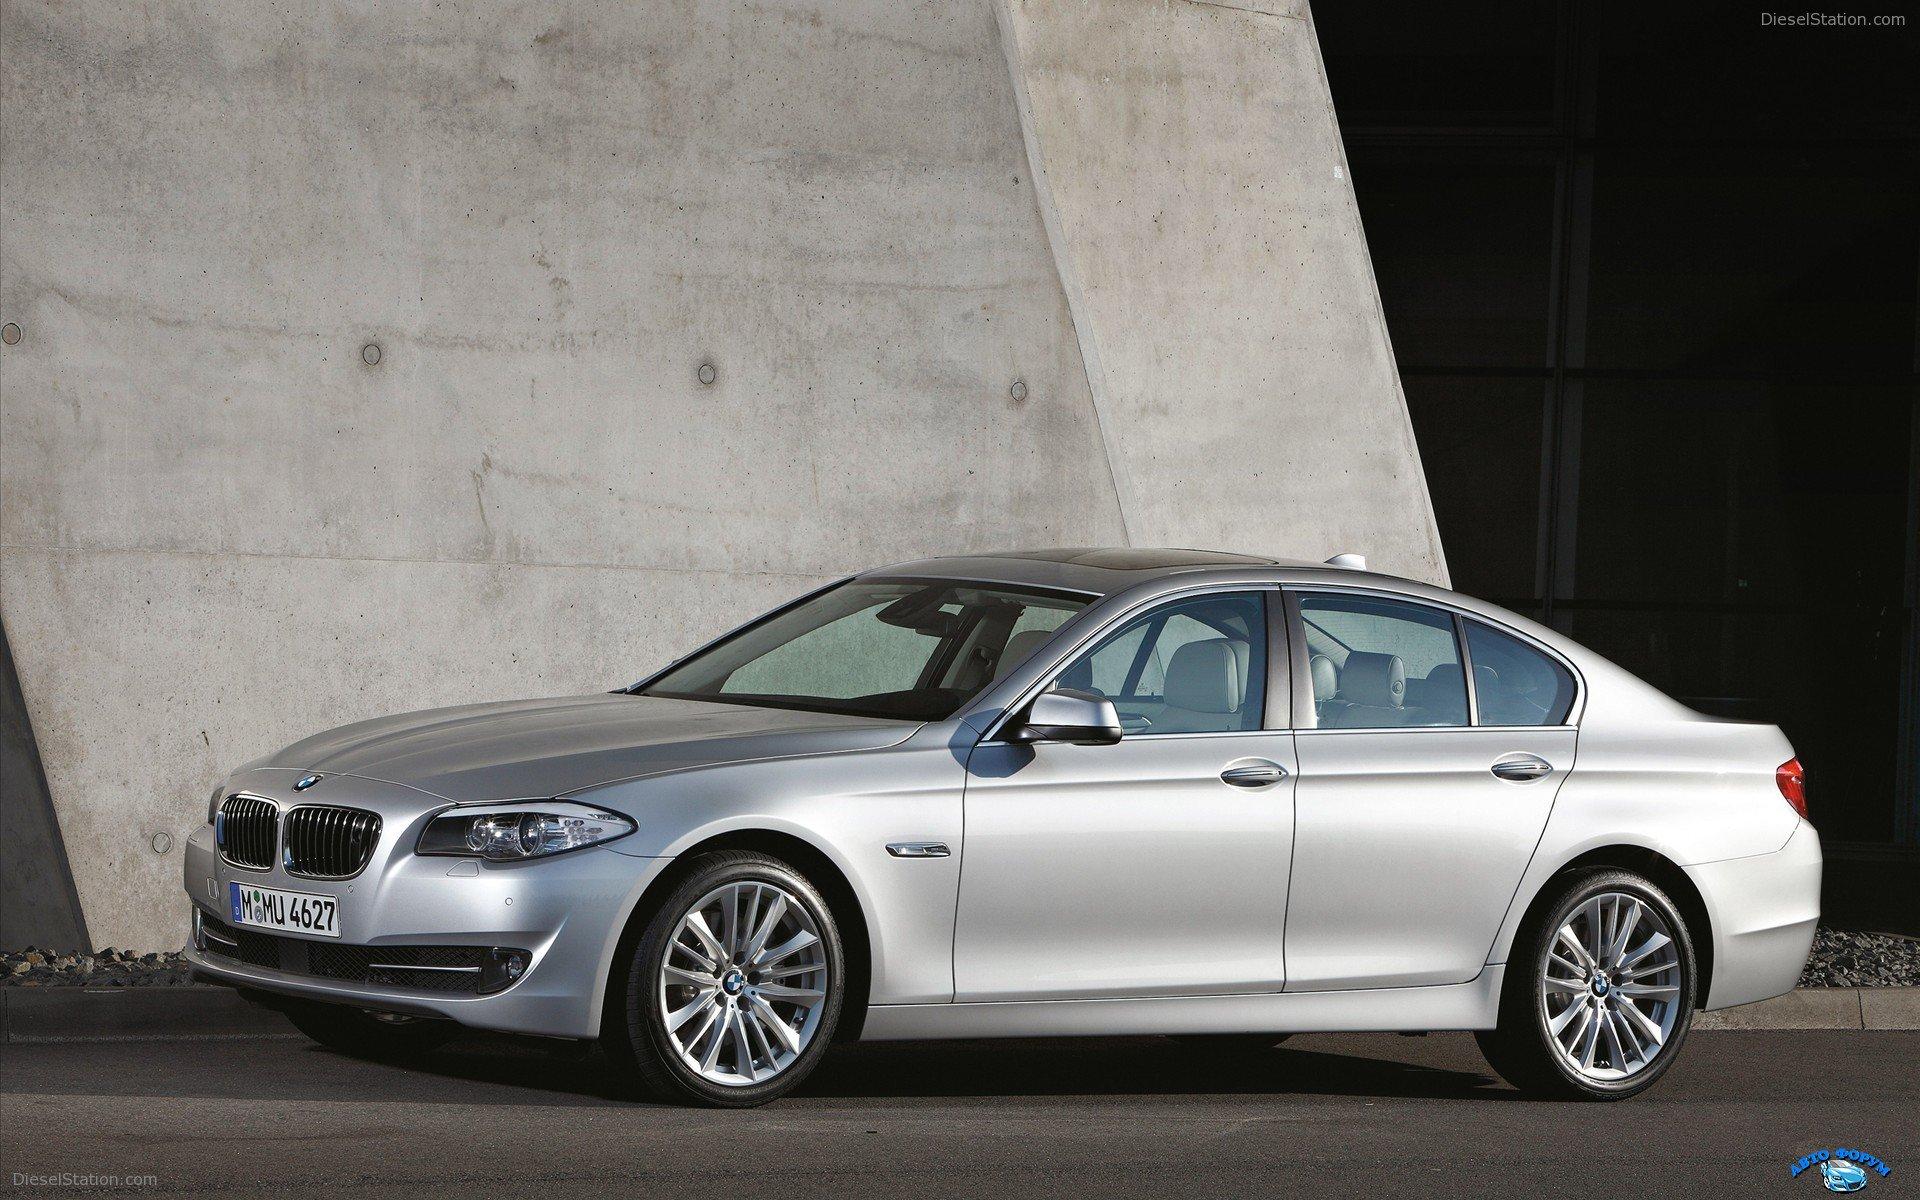 2011-BMW-5-Series-widescreen-08.jpg